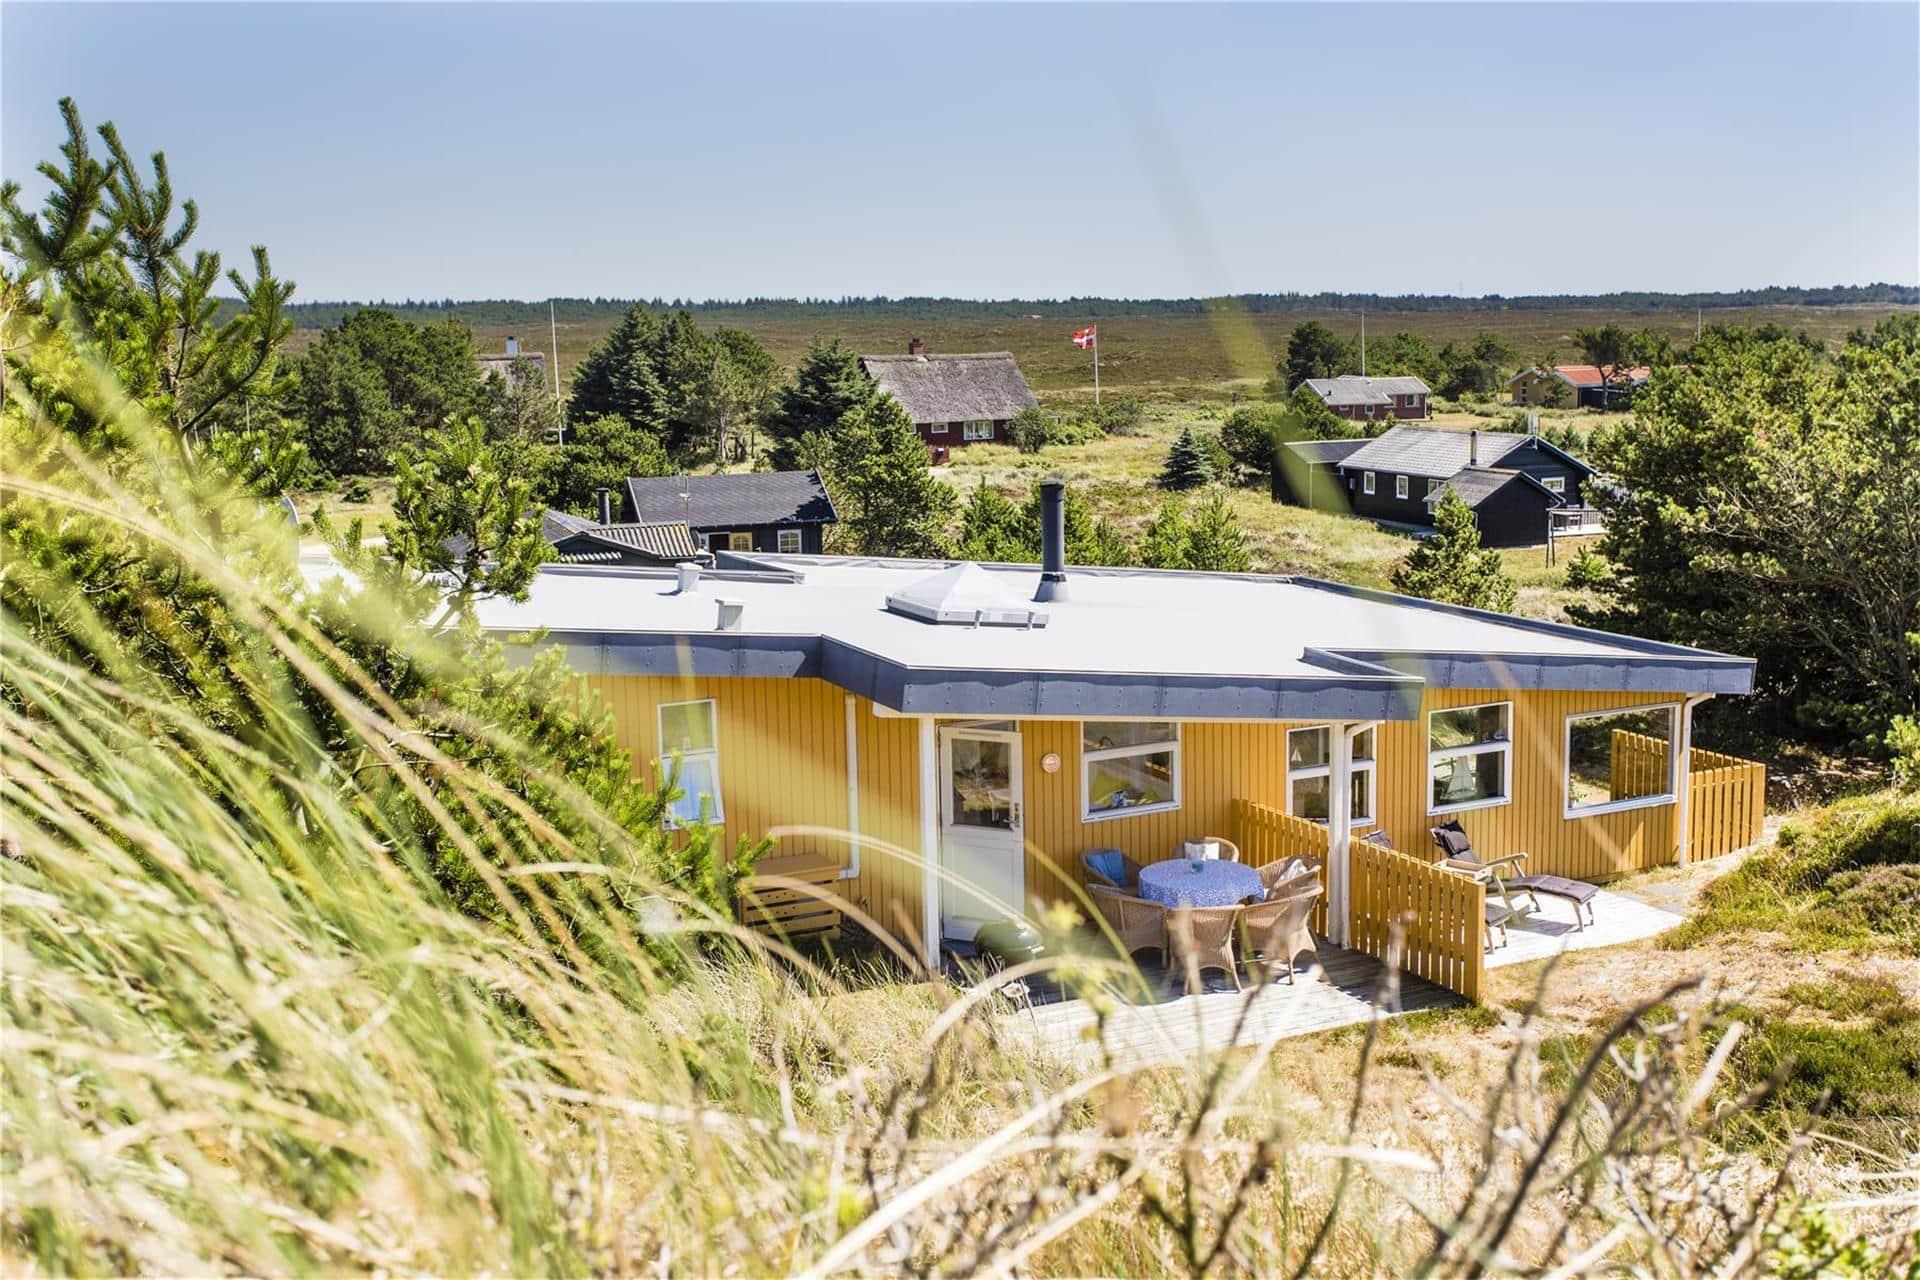 Bild 1-125 Ferienhaus 2125, Svalevej 2, DK - 6854 Henne